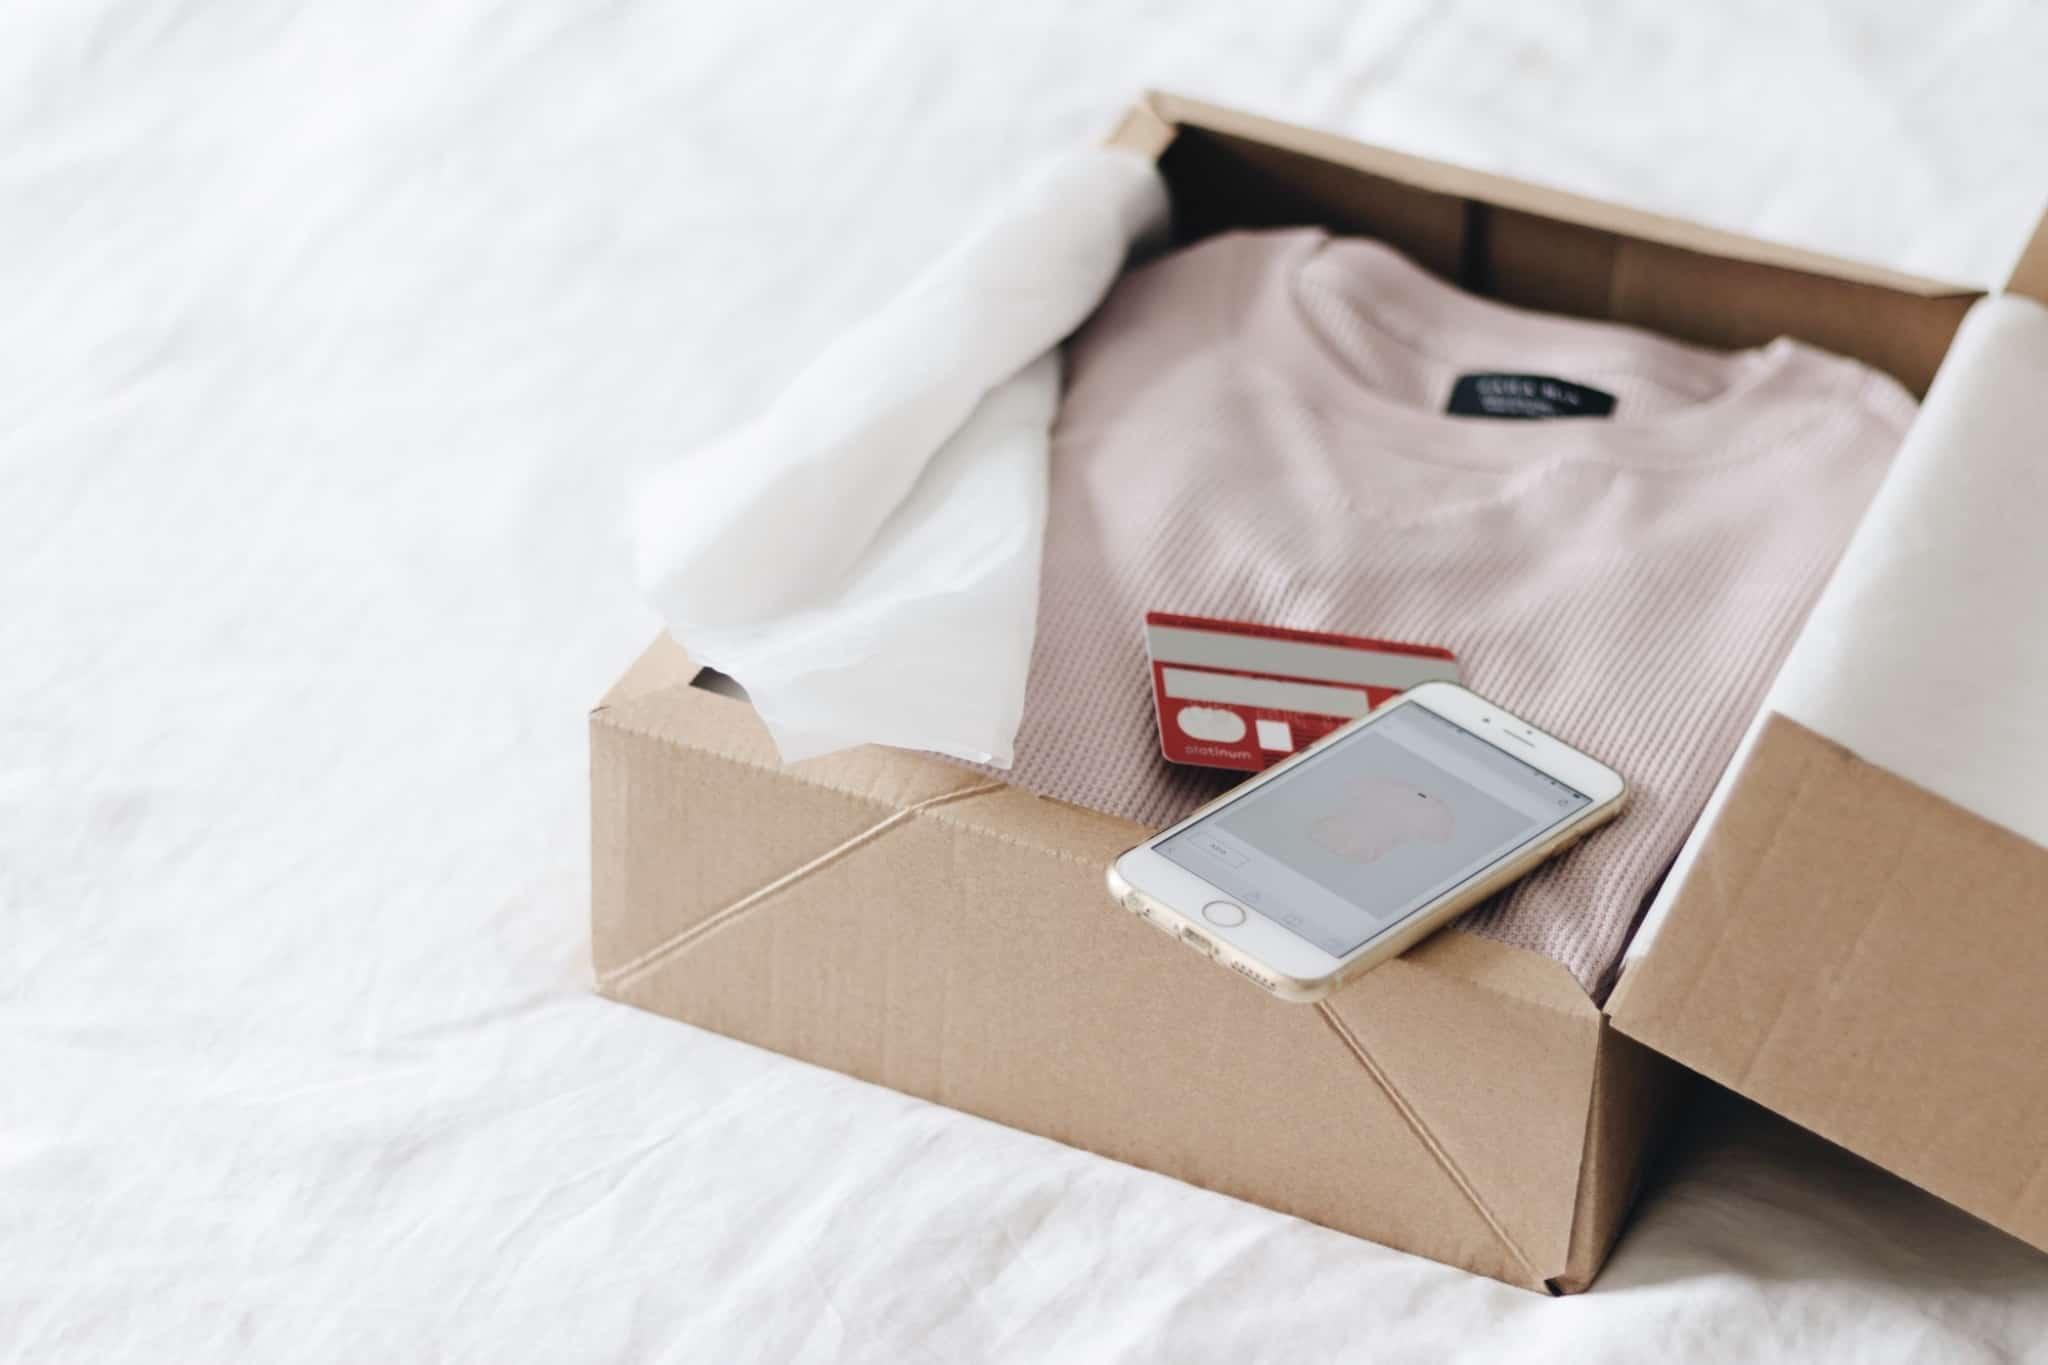 camisola cor de rosa dentro de caixa de cartão